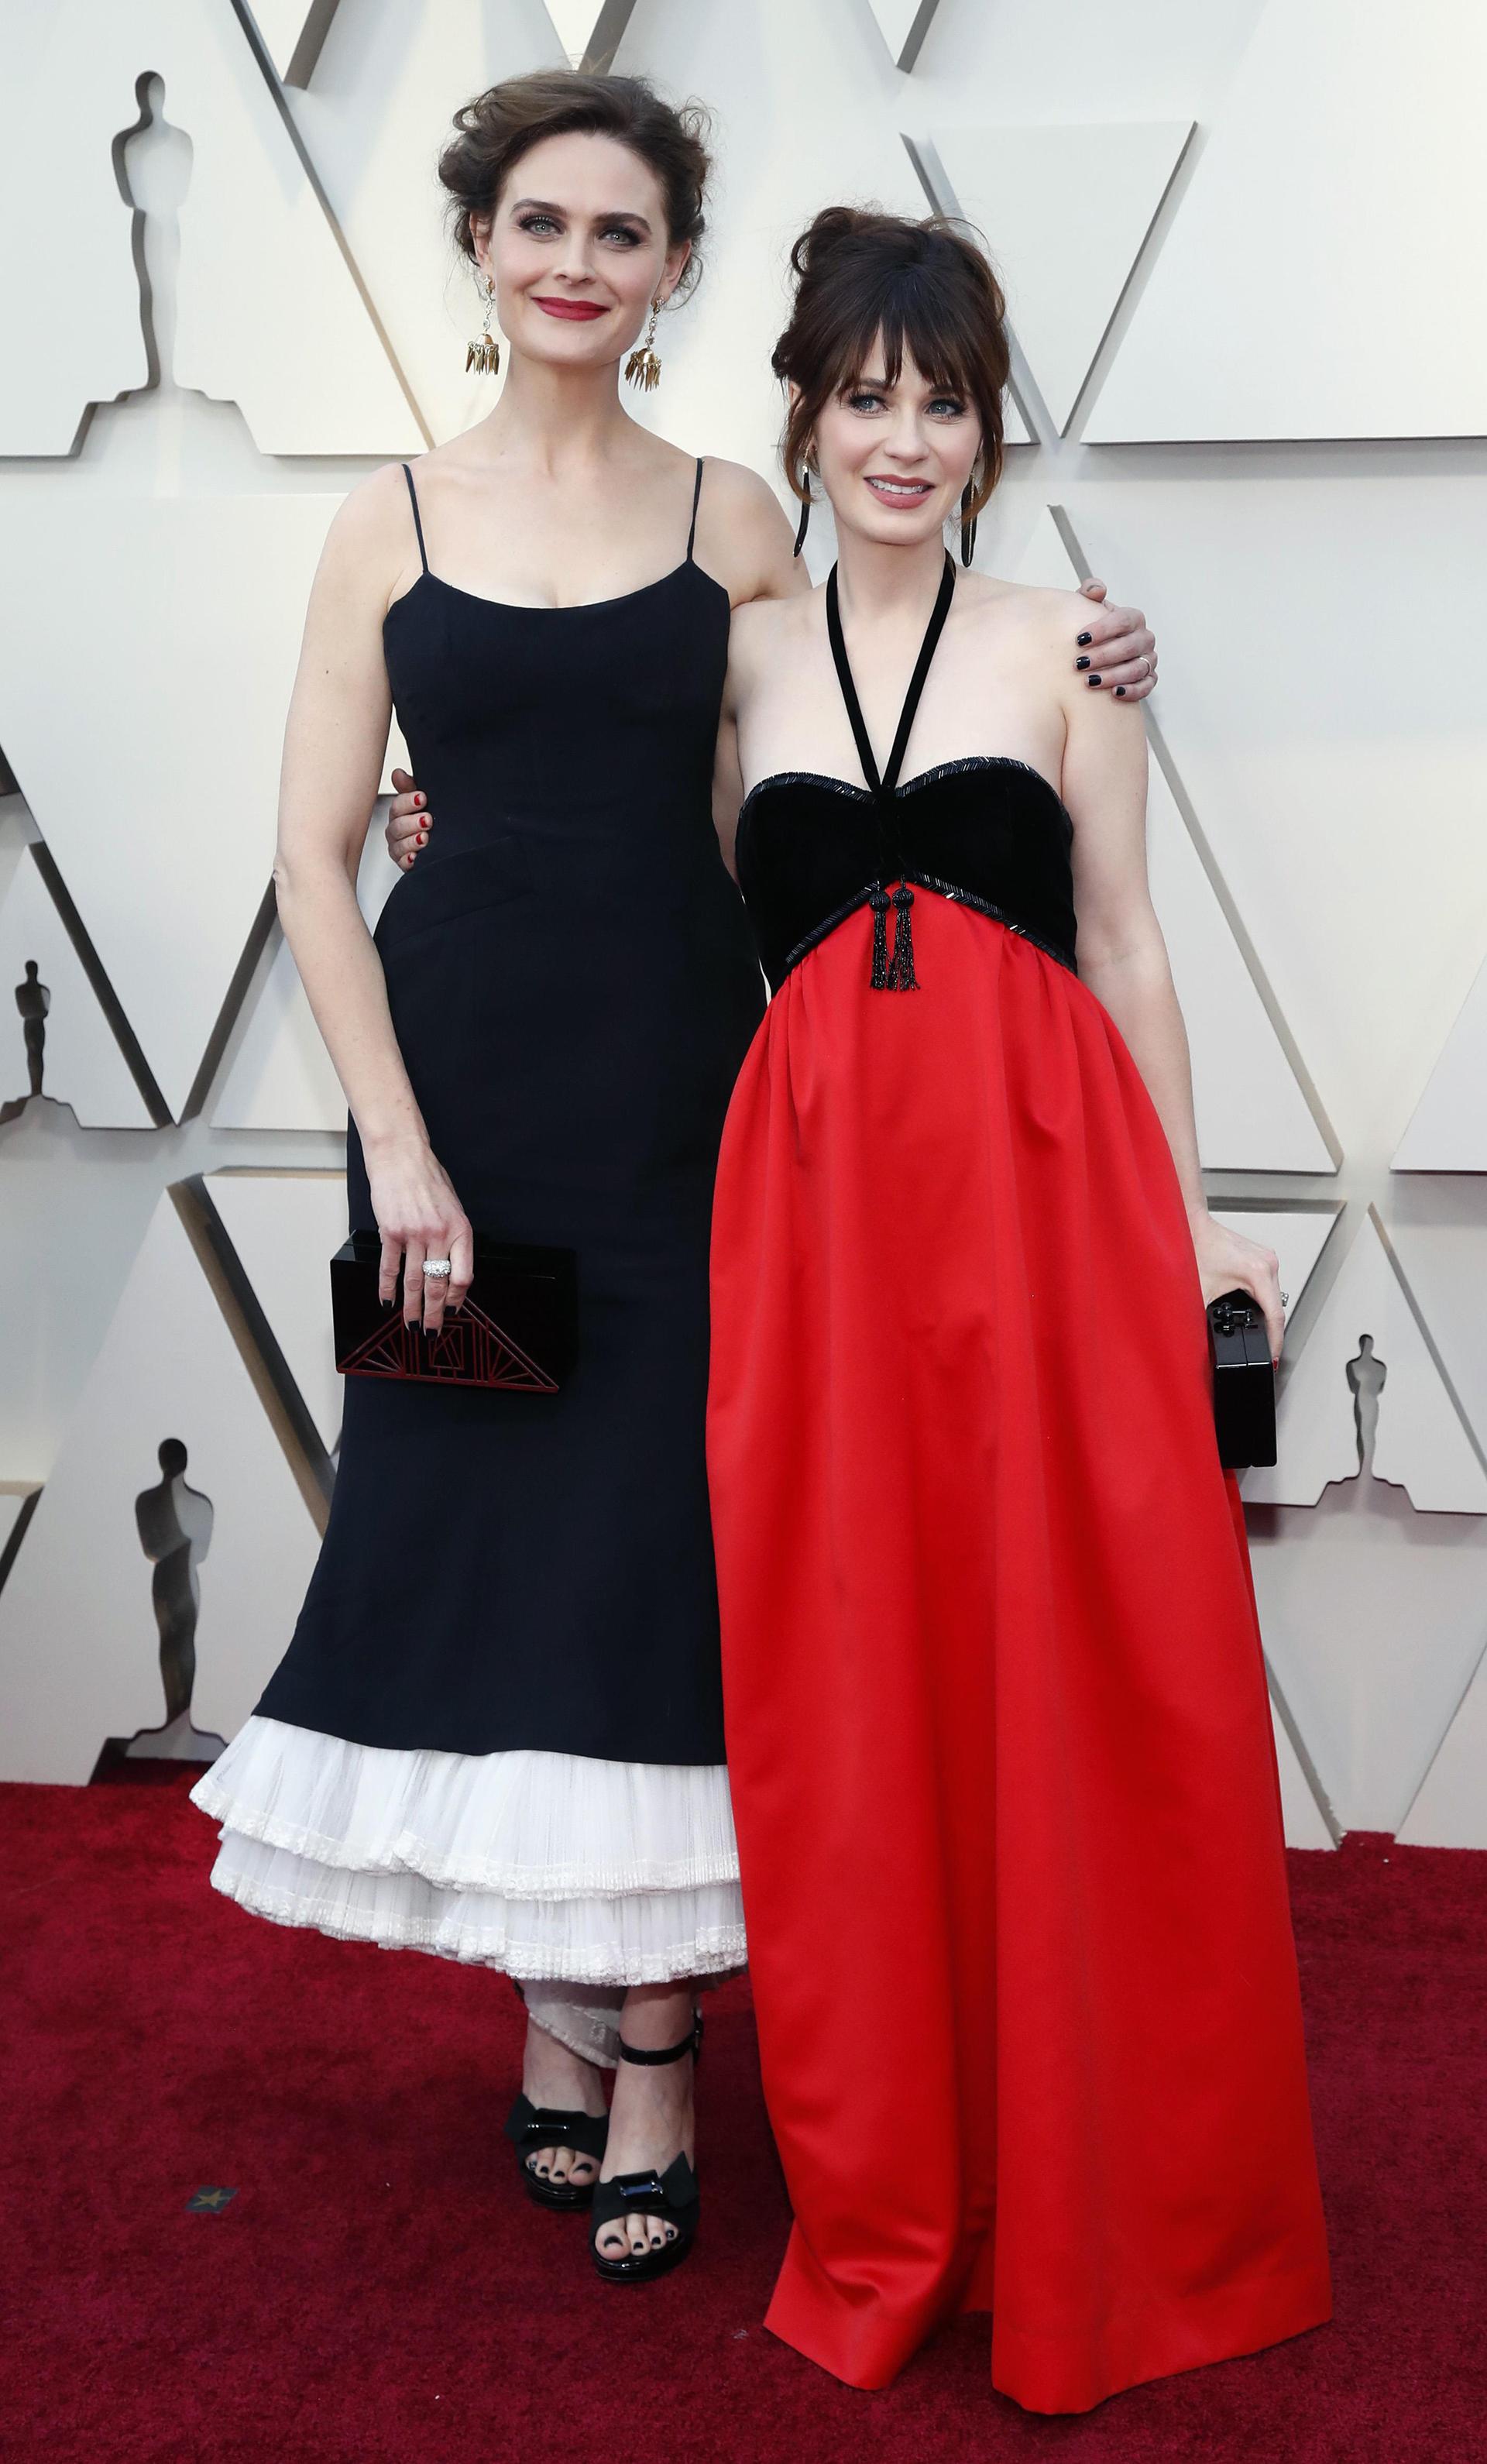 Zooey y Emily Deschanel. Las actrices dieron presente en la red carpet con estilos diferentes. Zooey con un vestido al tobillo con corte en la cintura y detalle de plisado blanco con sandalias y clutch rígido.